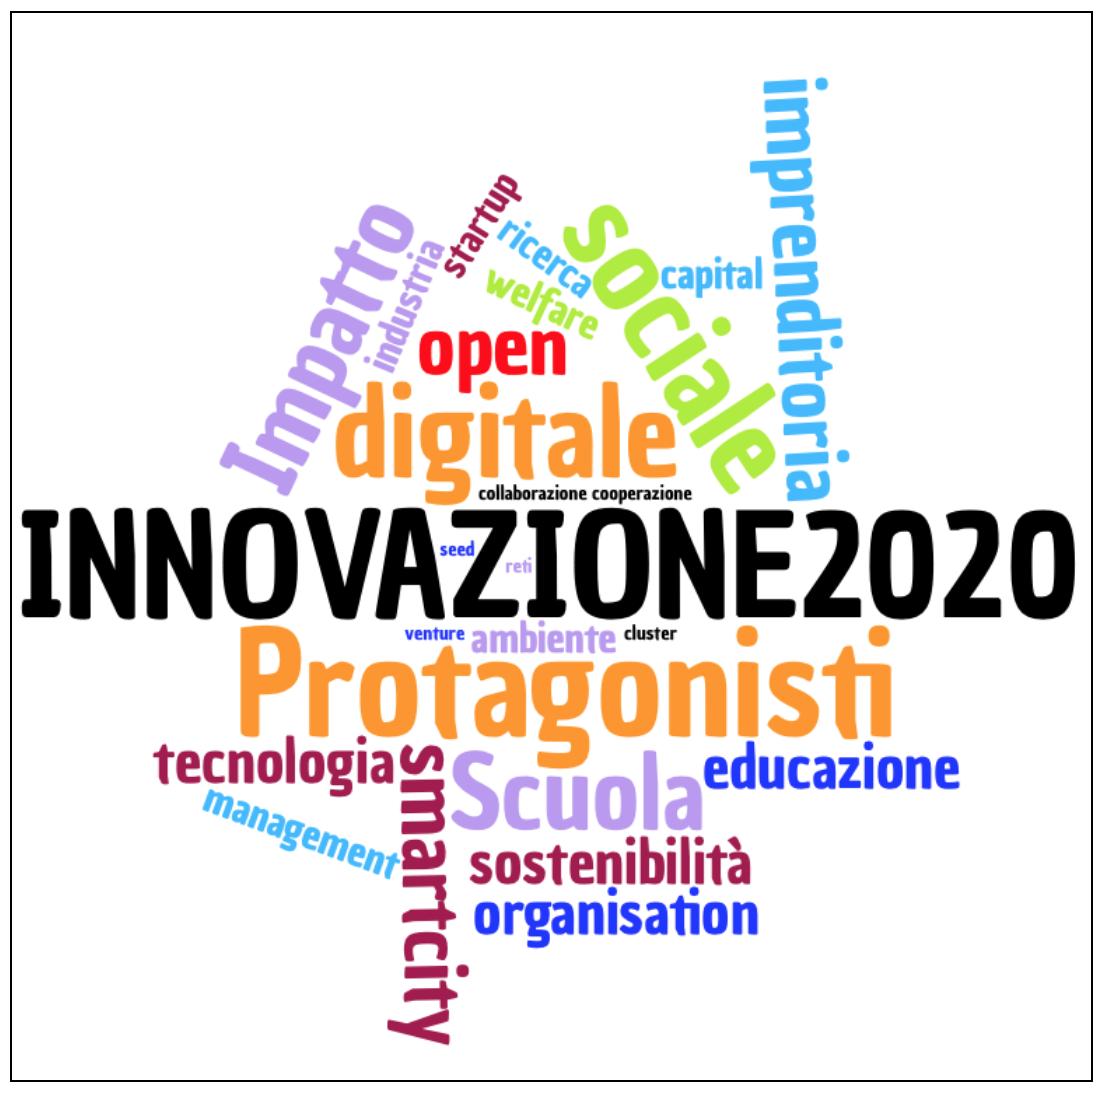 innovazione 2020